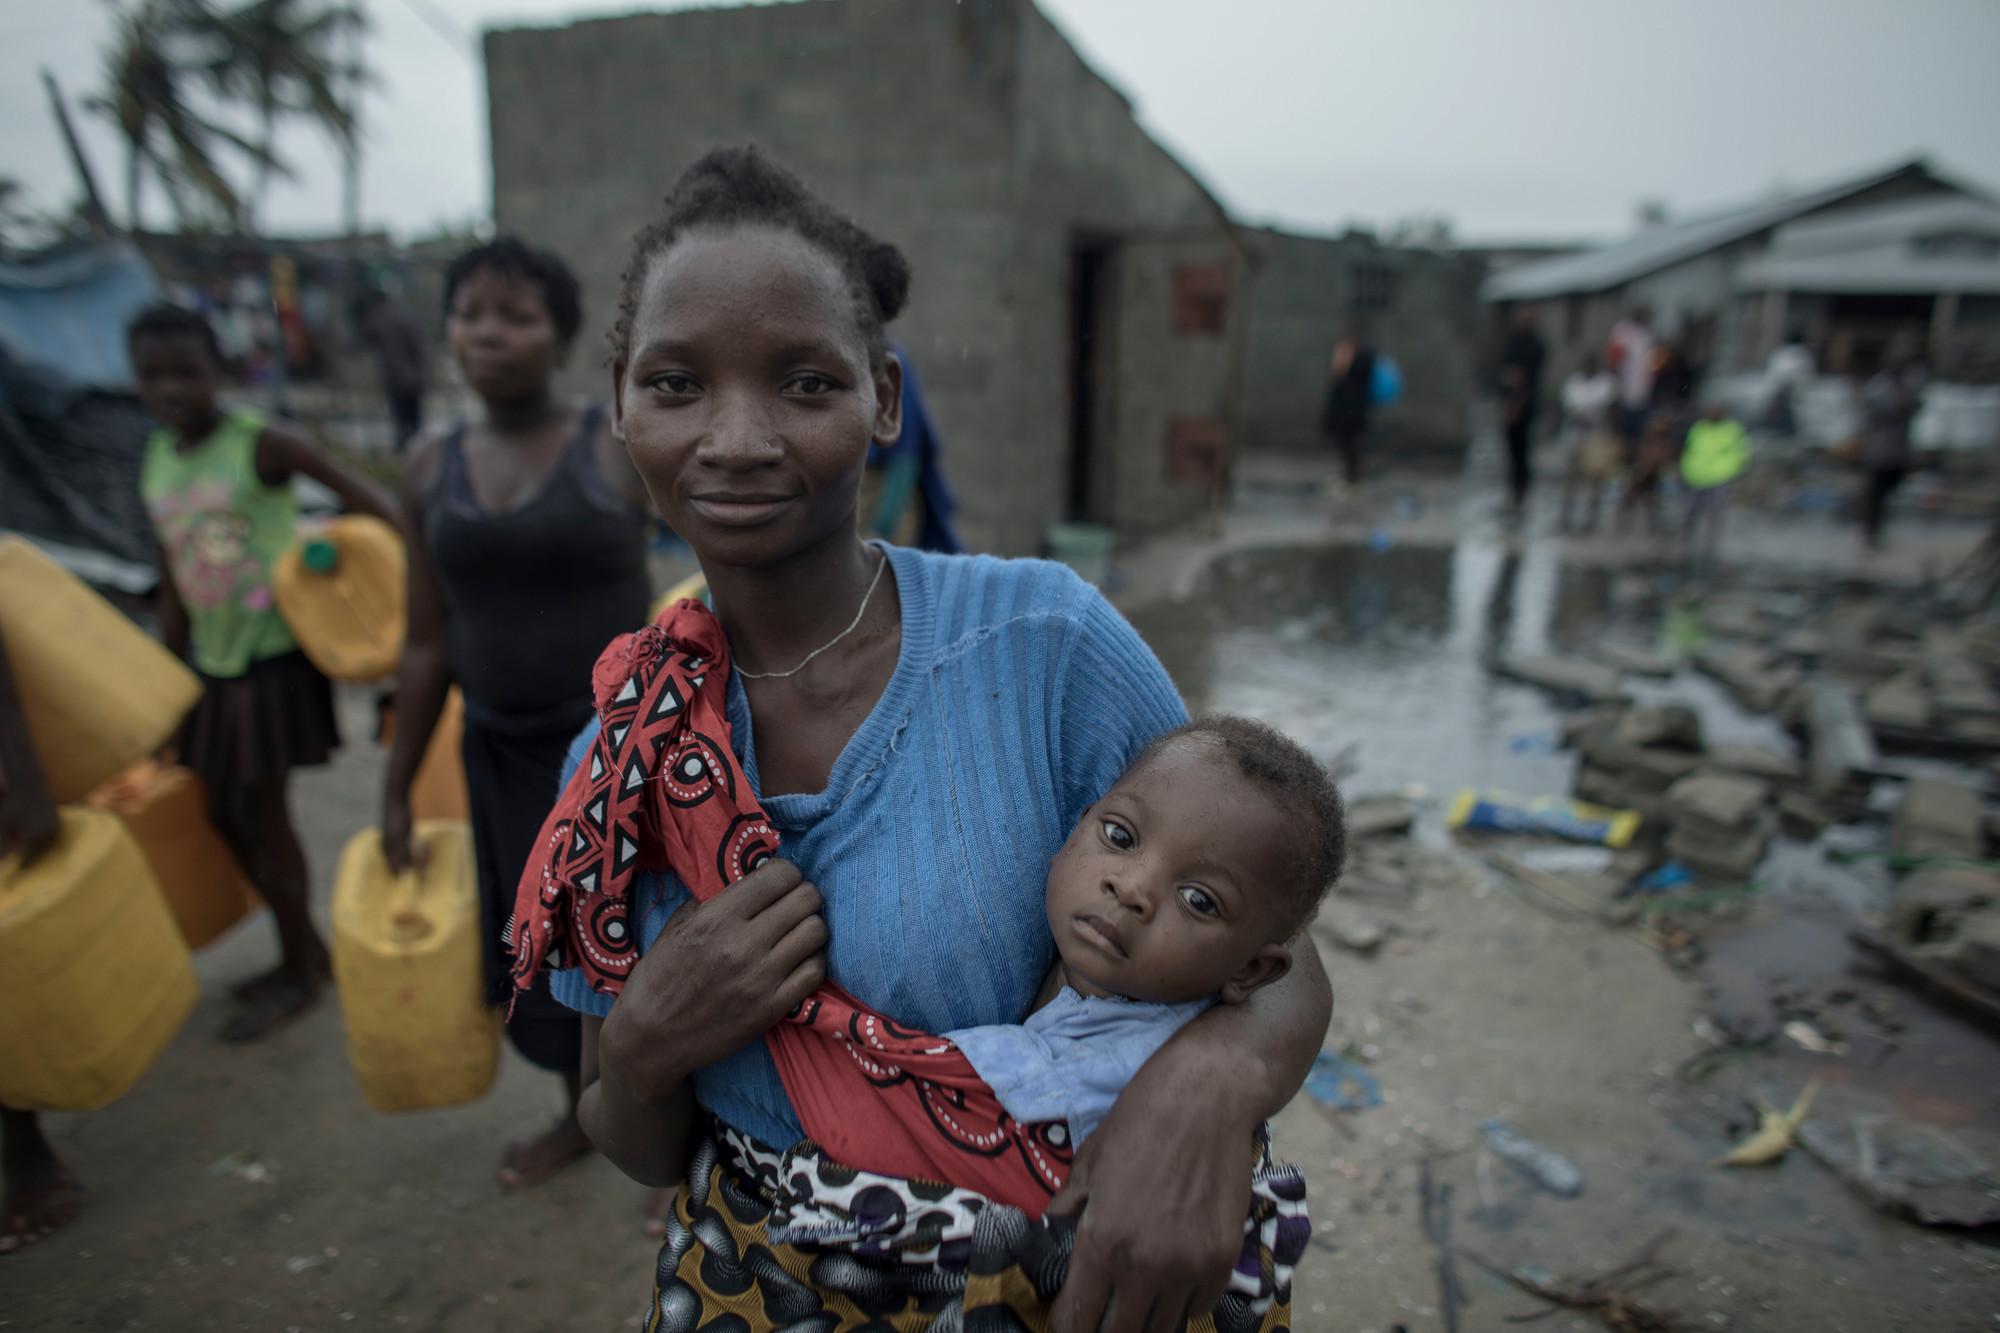 Una mujer en una calle embarrada sostiene a un bebé en un cabestrillo para bebés de un edificio de bloques de hormigón.